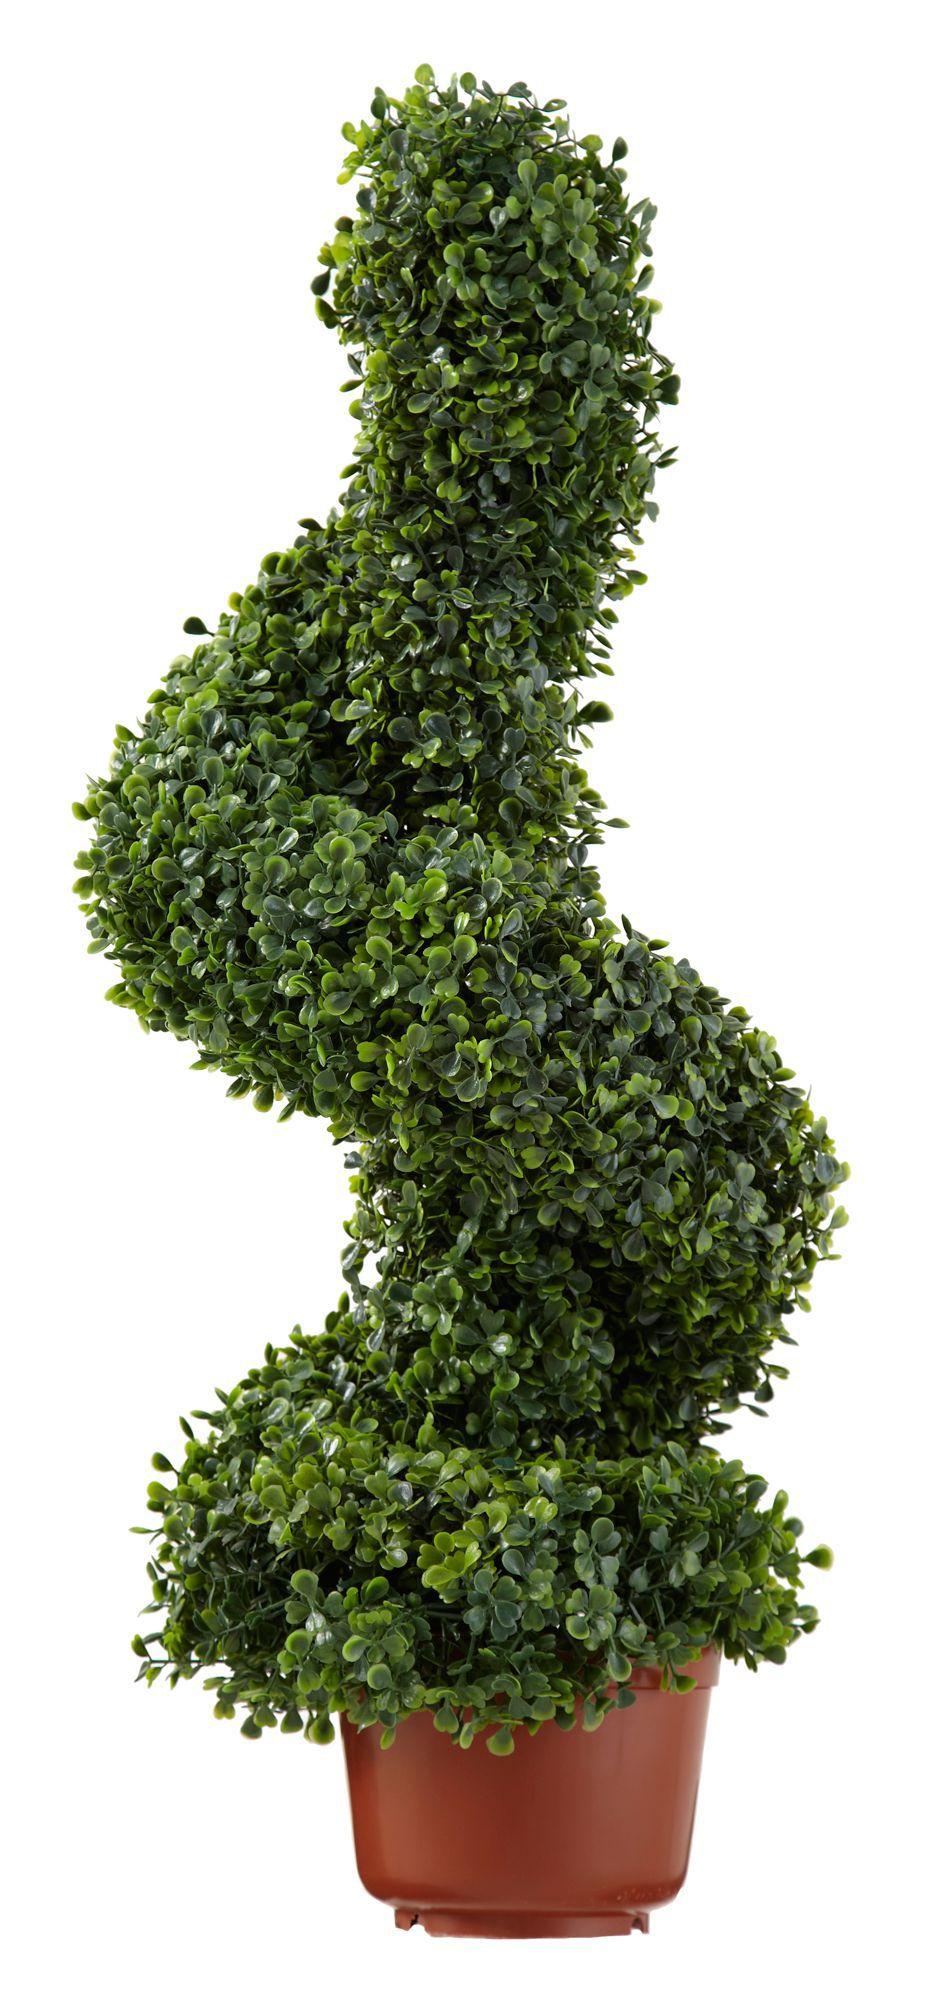 Gardman Artificial Topiary Departments Diy At B Amp Q